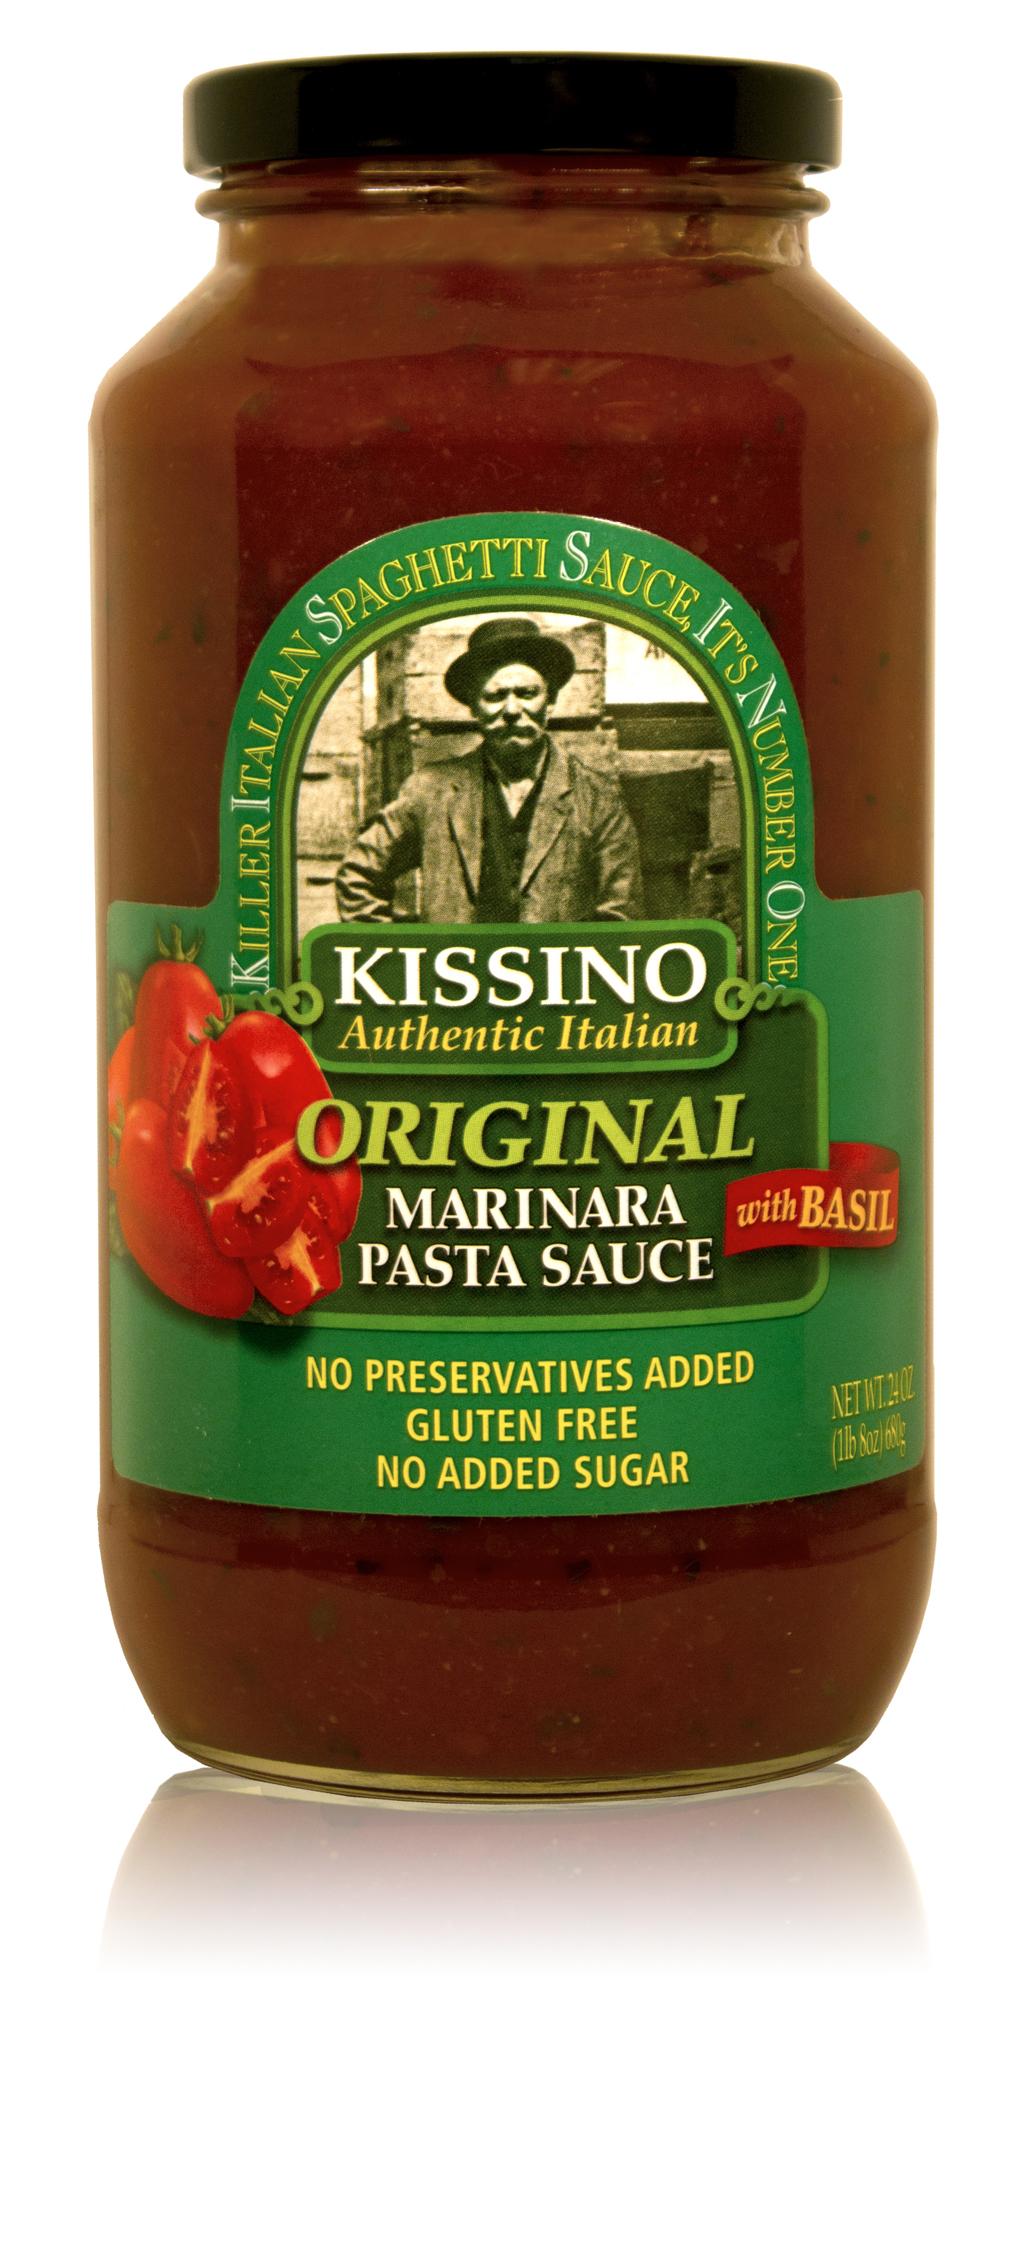 Kissino: Kissino Pasta Sauce